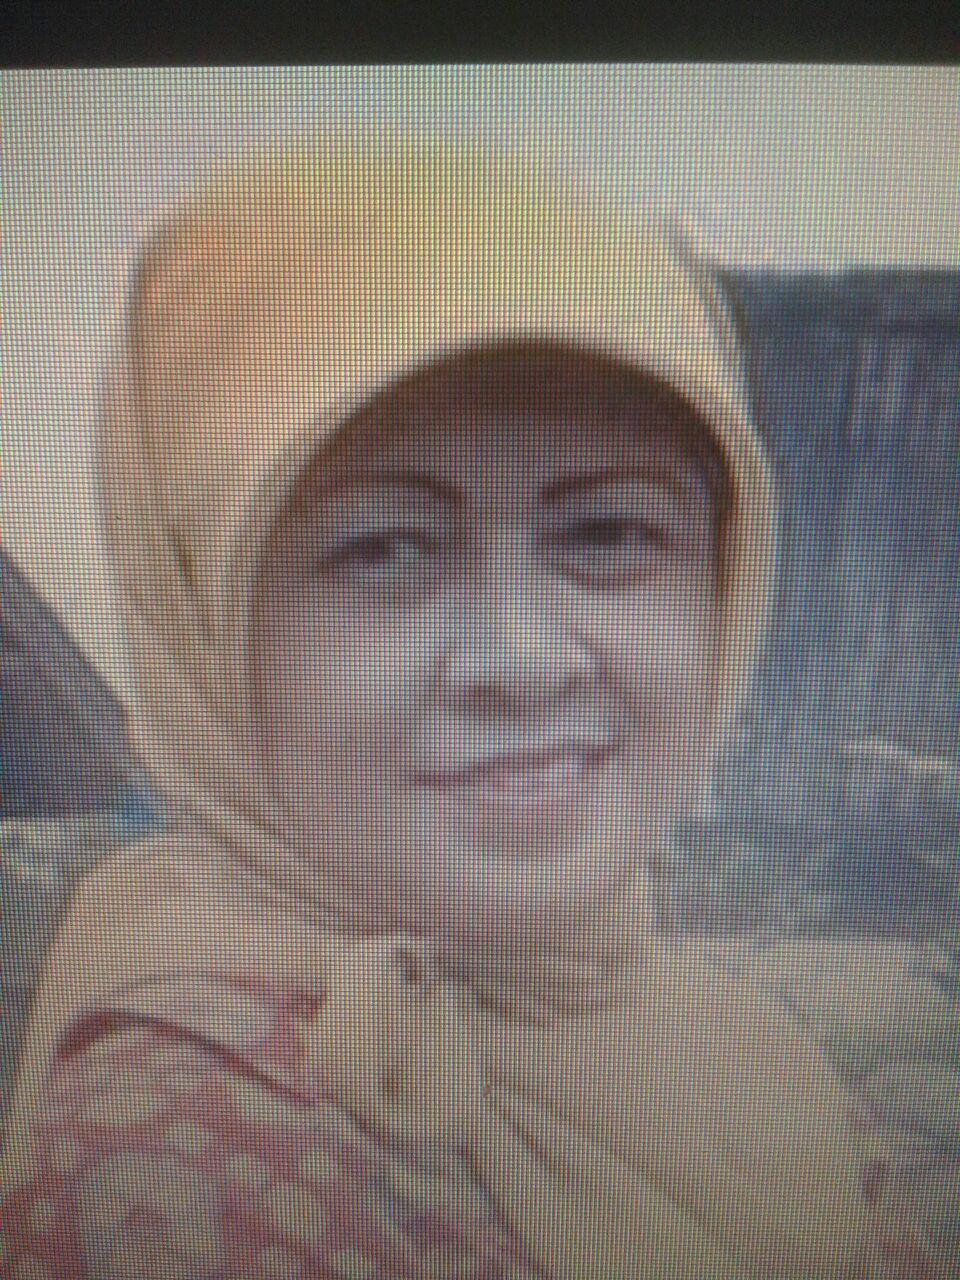 Dr. Hediana F. Dewi